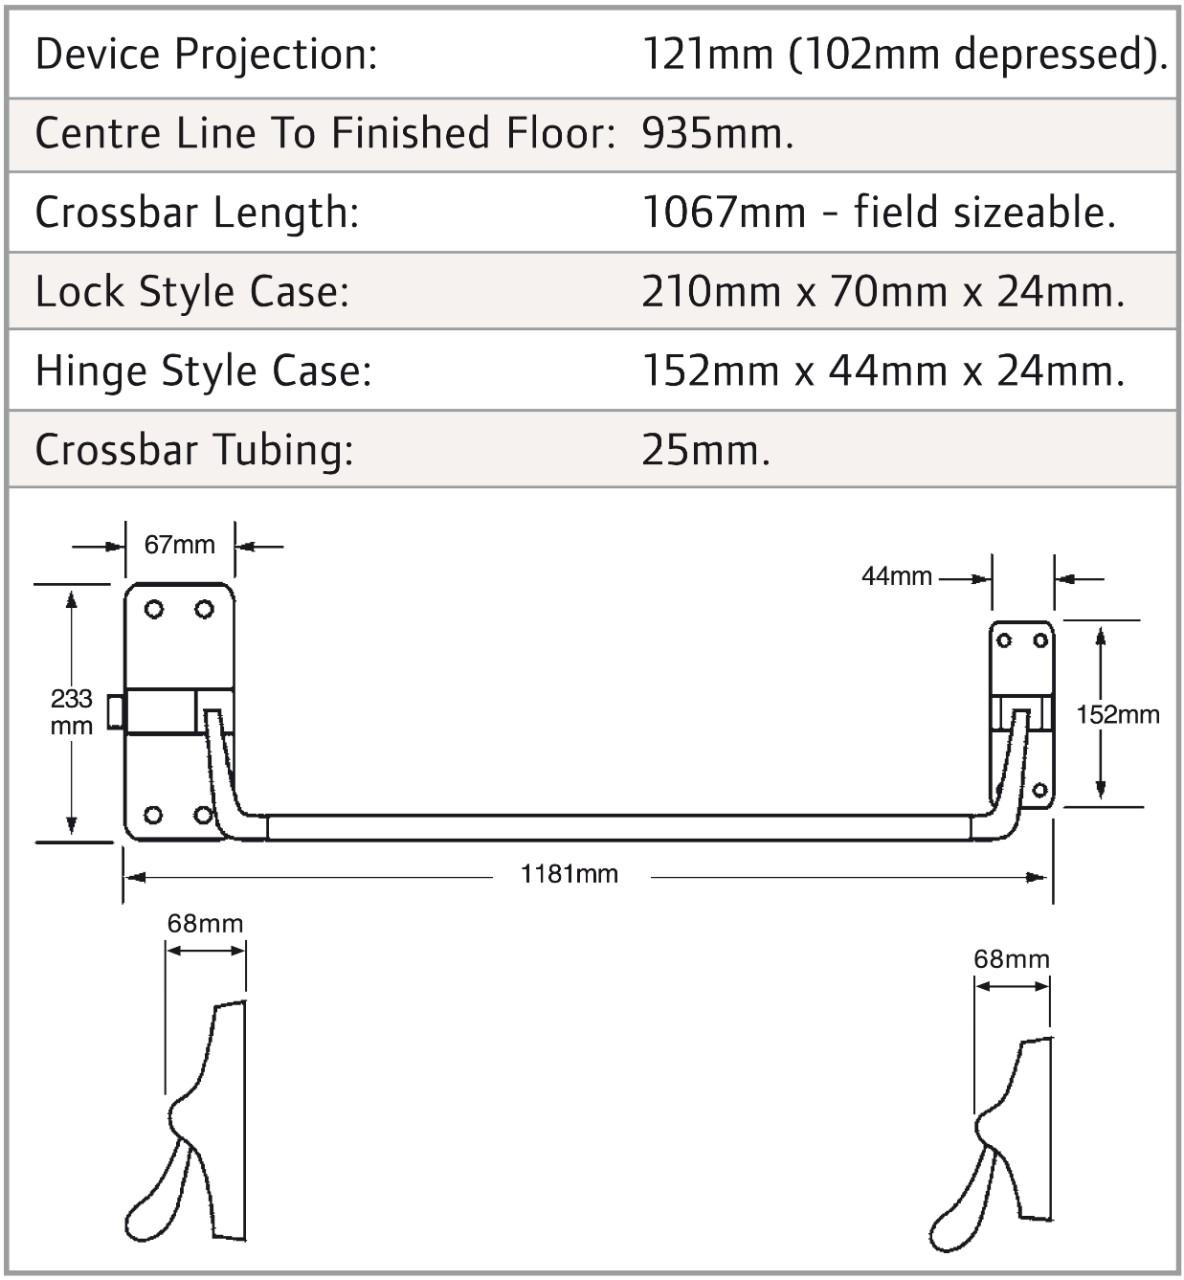 Von Duprin Ps914 Wiring Diagram Auto Electrical El Panasonic Diagrams